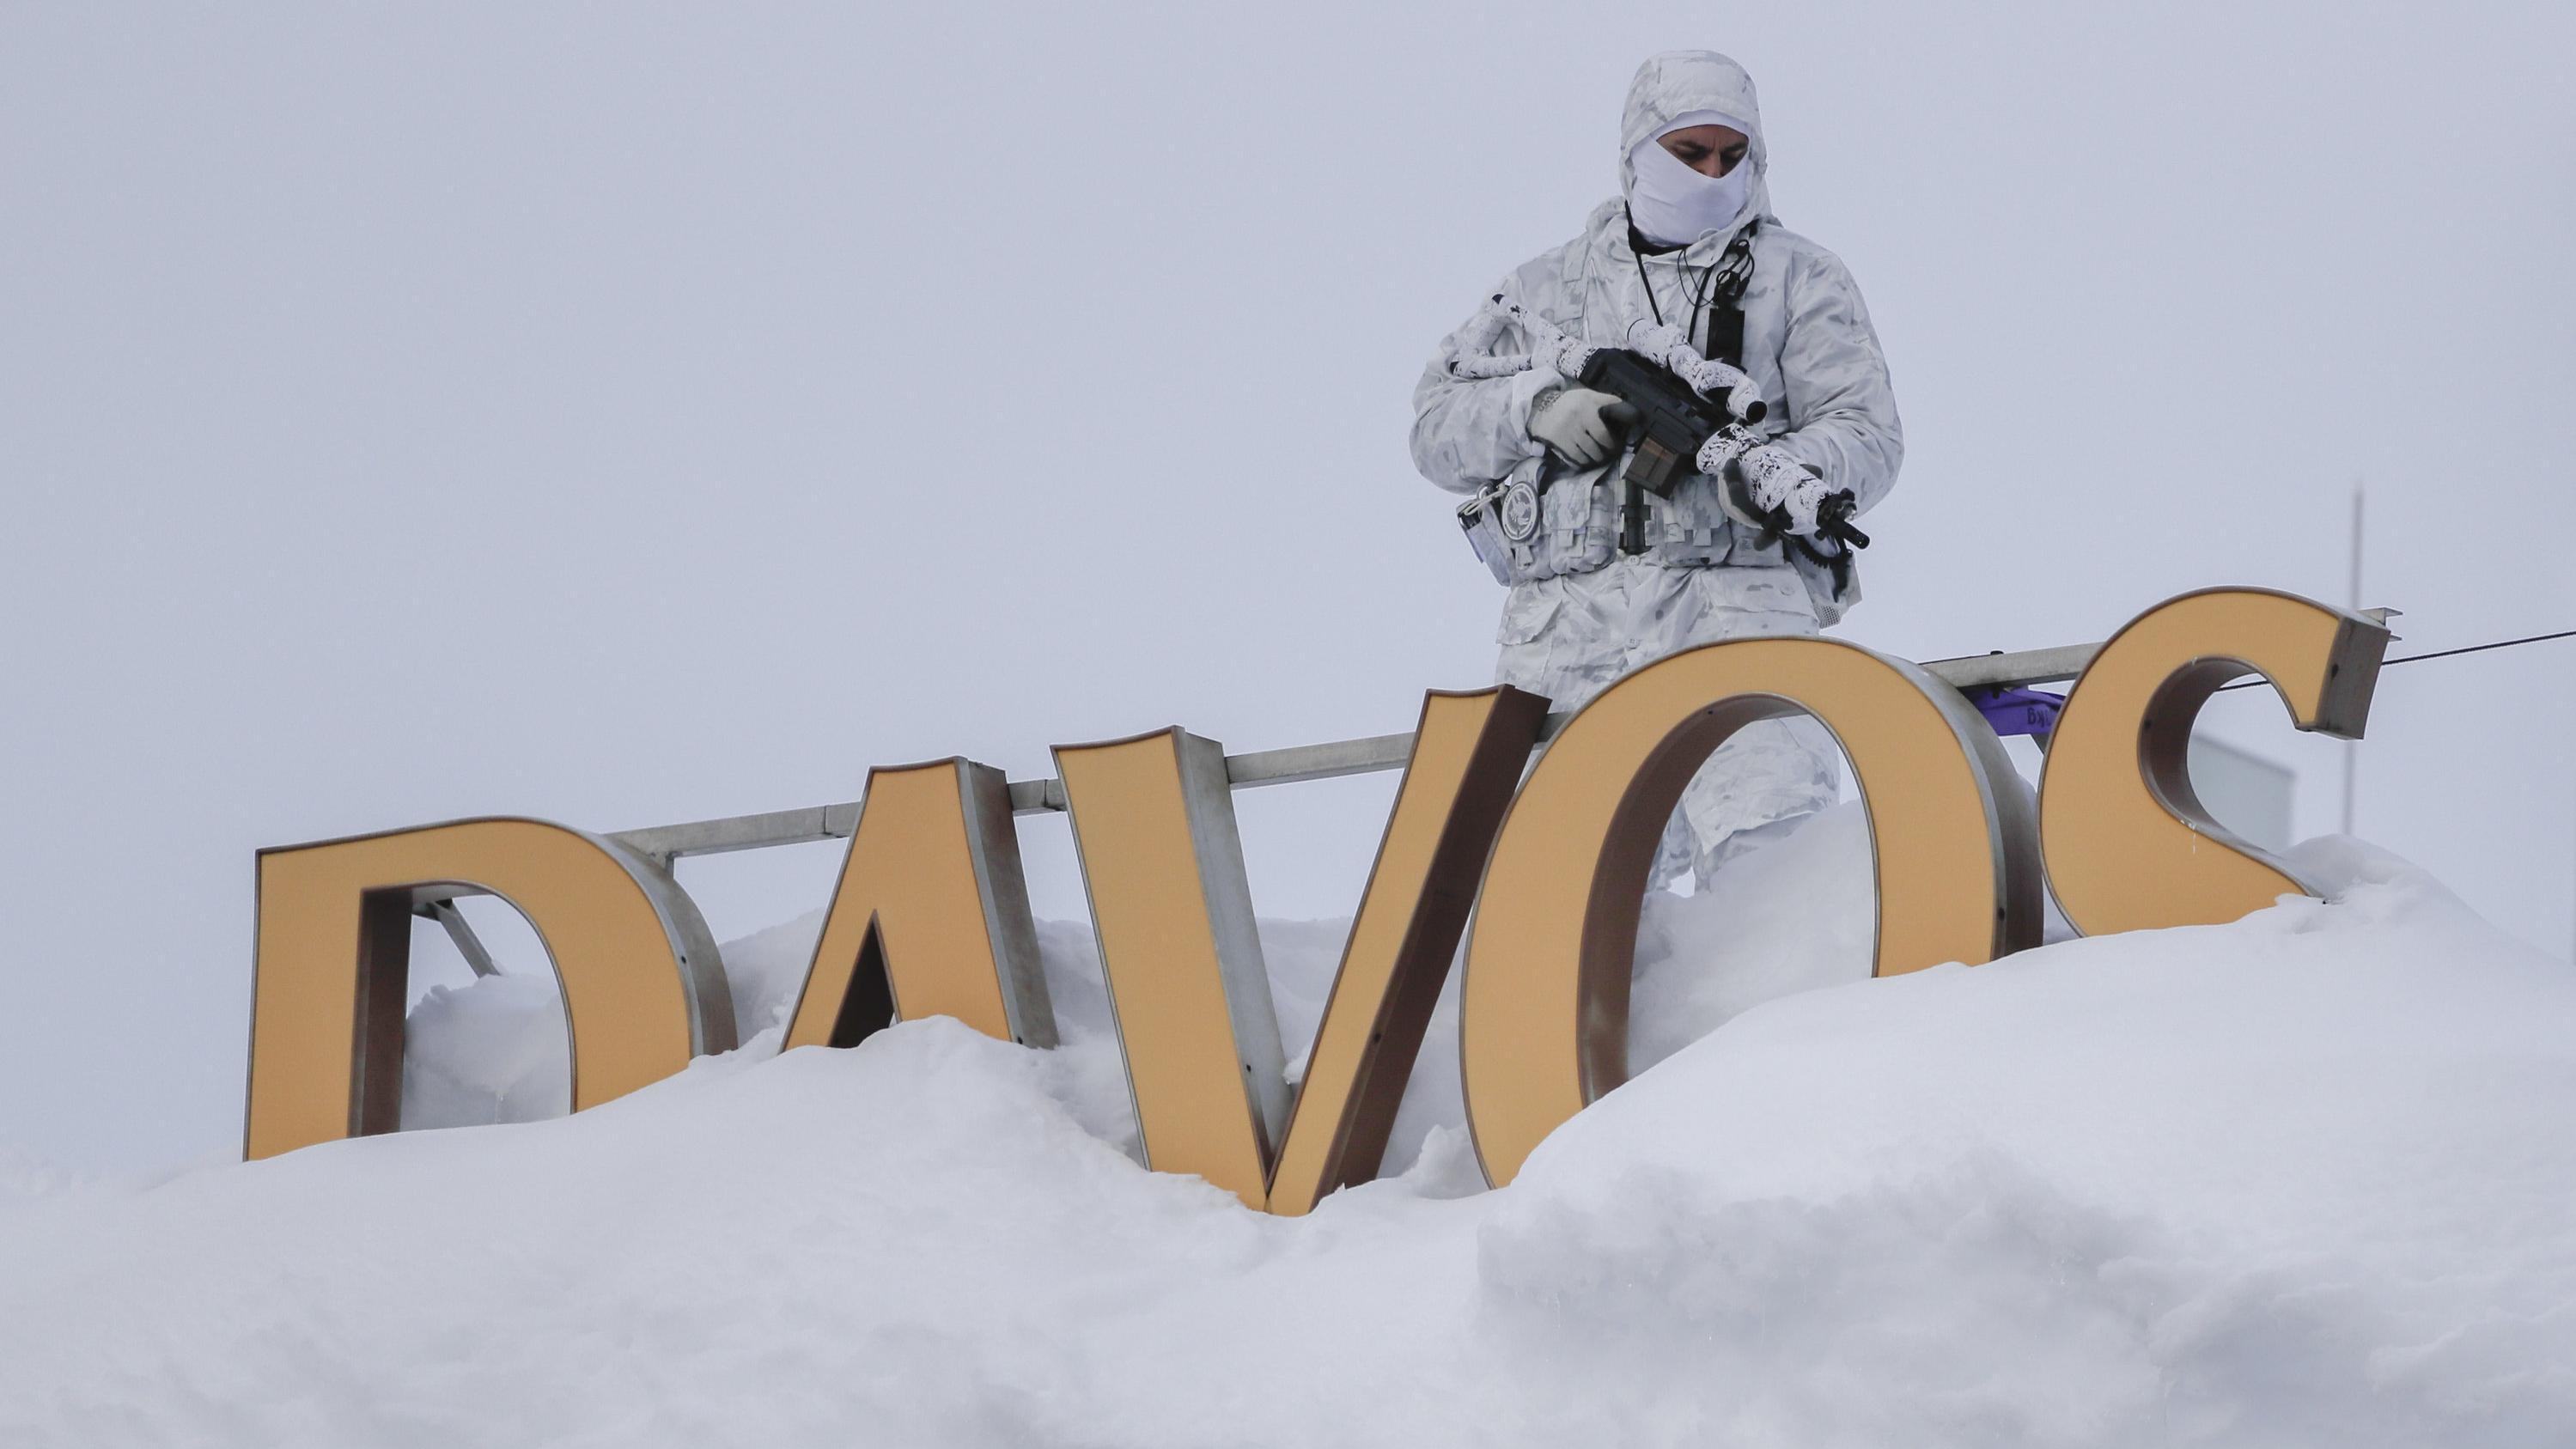 Scharfschütze auf dem Hotel Davos.